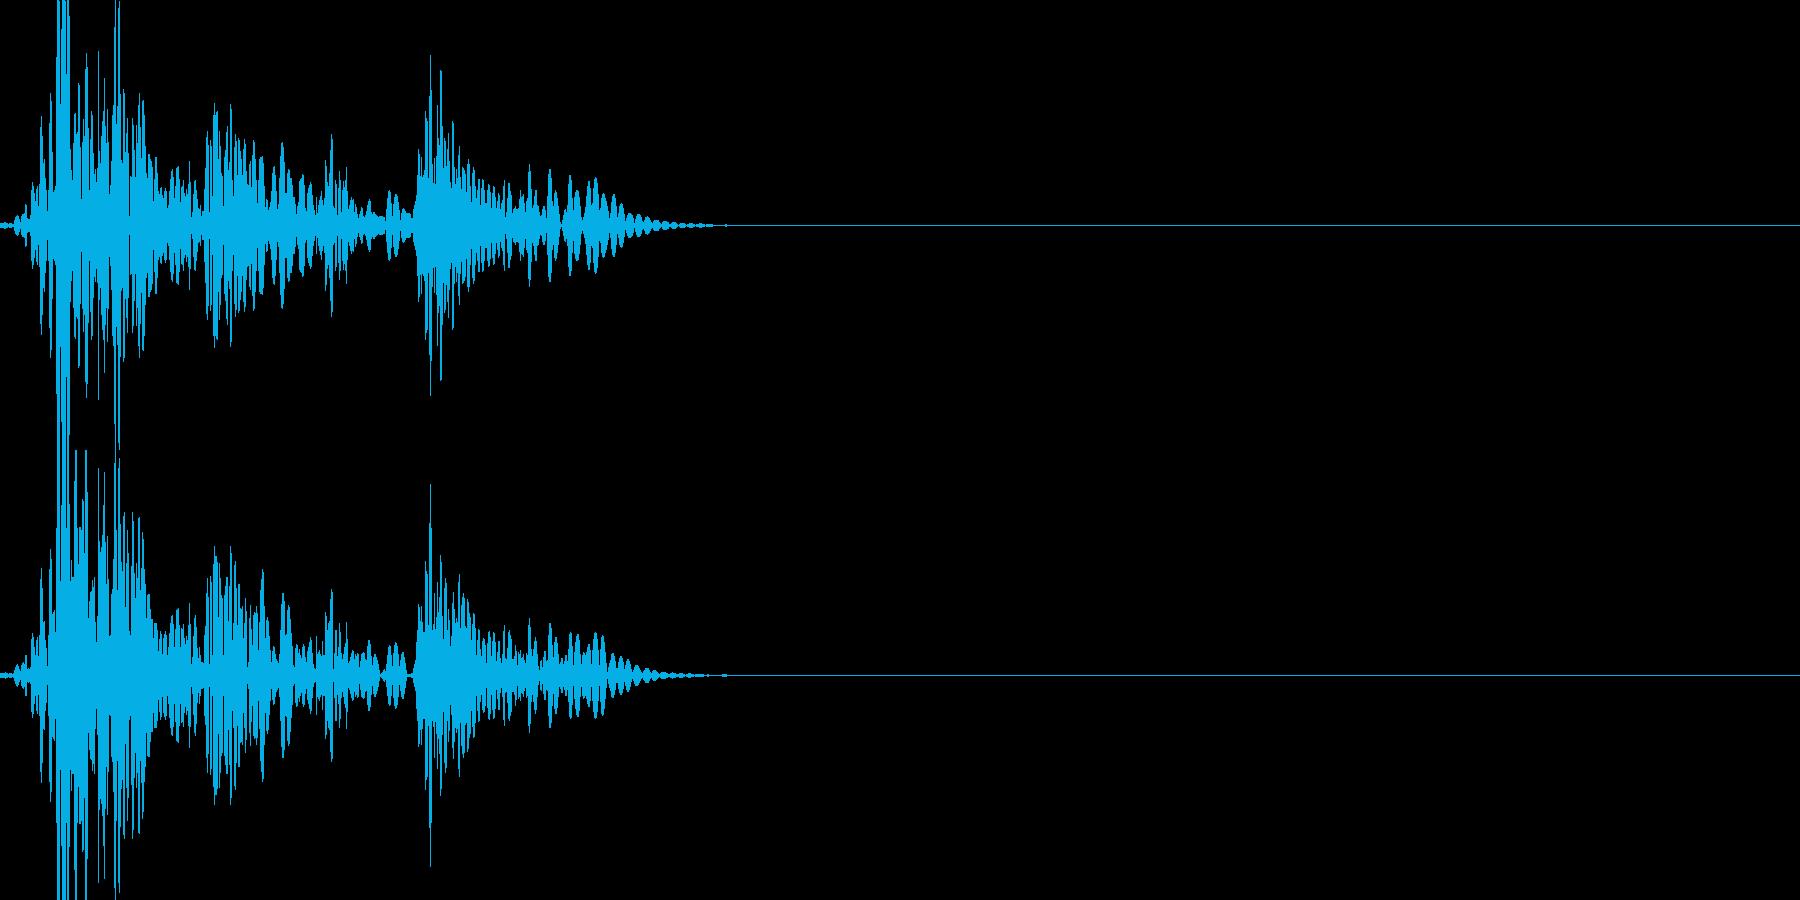 ドカボカッ(打撃の連続攻撃)の再生済みの波形